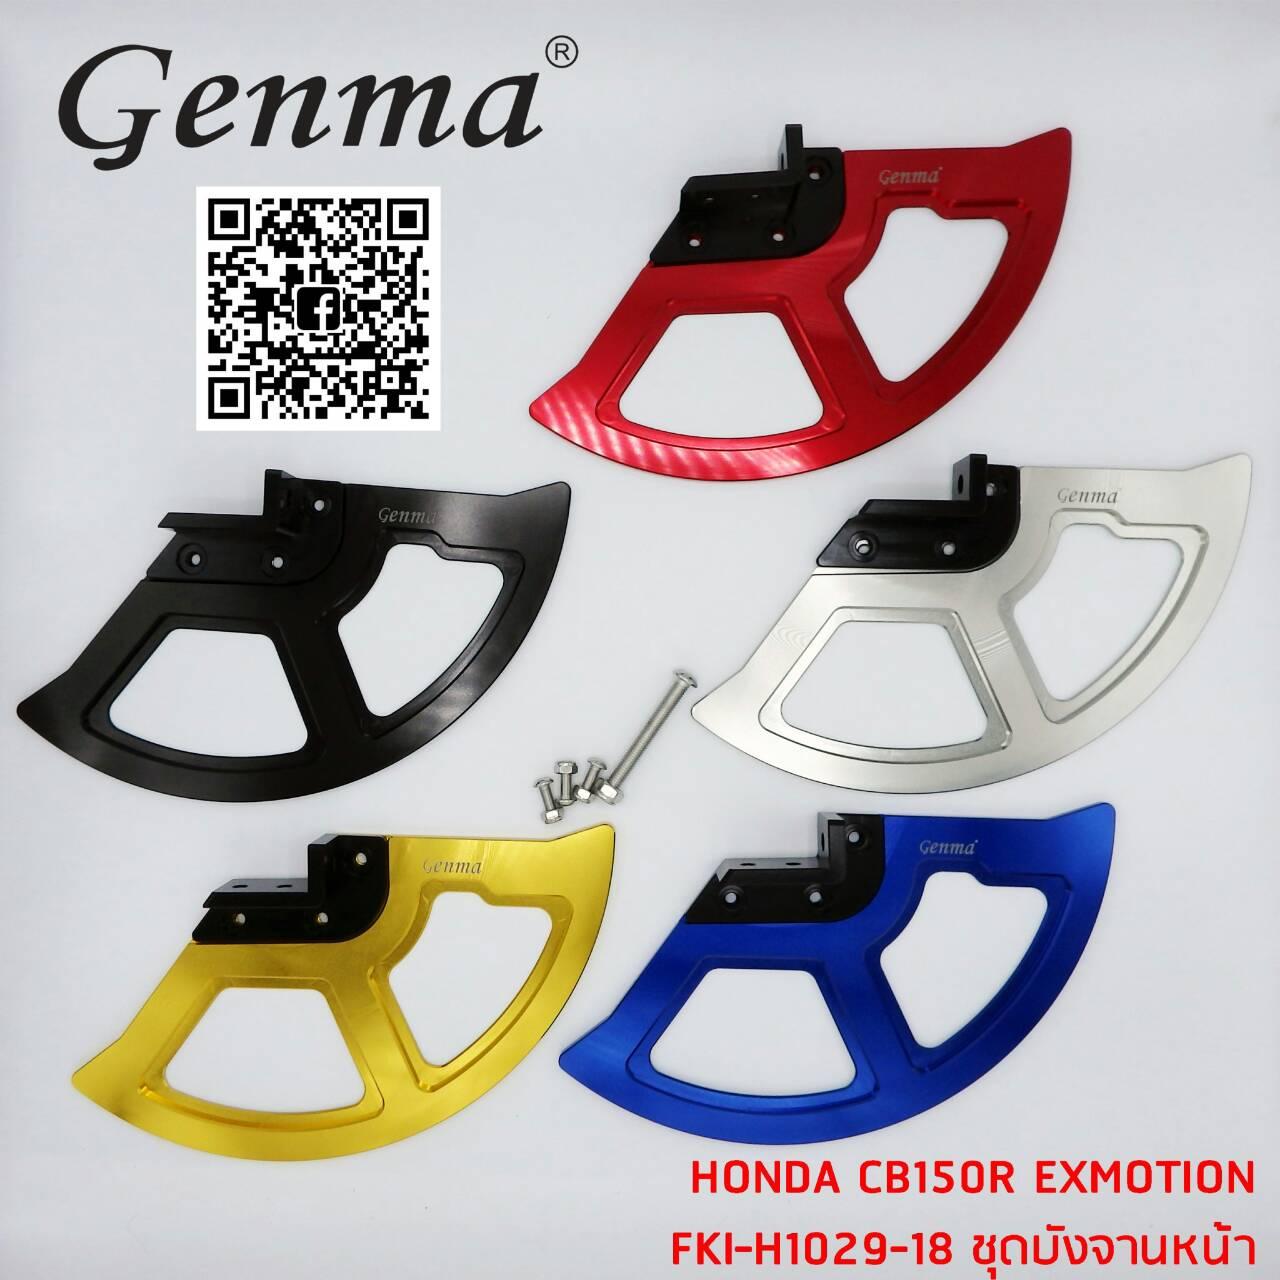 บังจานหน้า CB 150R EXMOTION GENMA ราคา1100